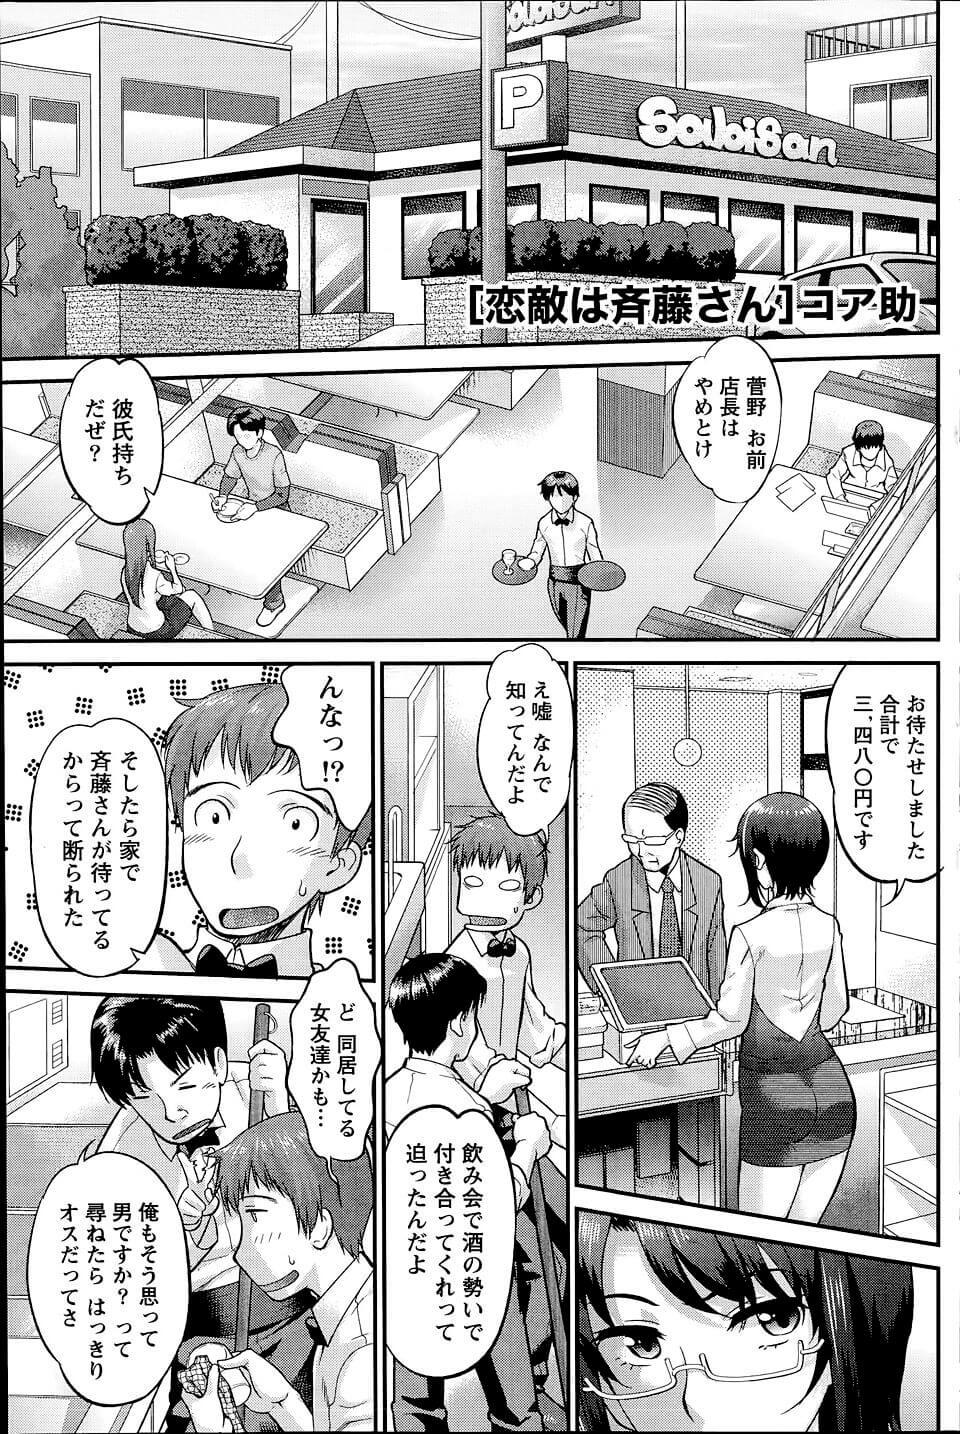 【エロ漫画】ファミレスの眼鏡っ子お姉さんな店長のことが好きな男性店員は彼氏が居るらしいと聞かされて諦めてかけていたが…【無料 エロ同人】 (1)